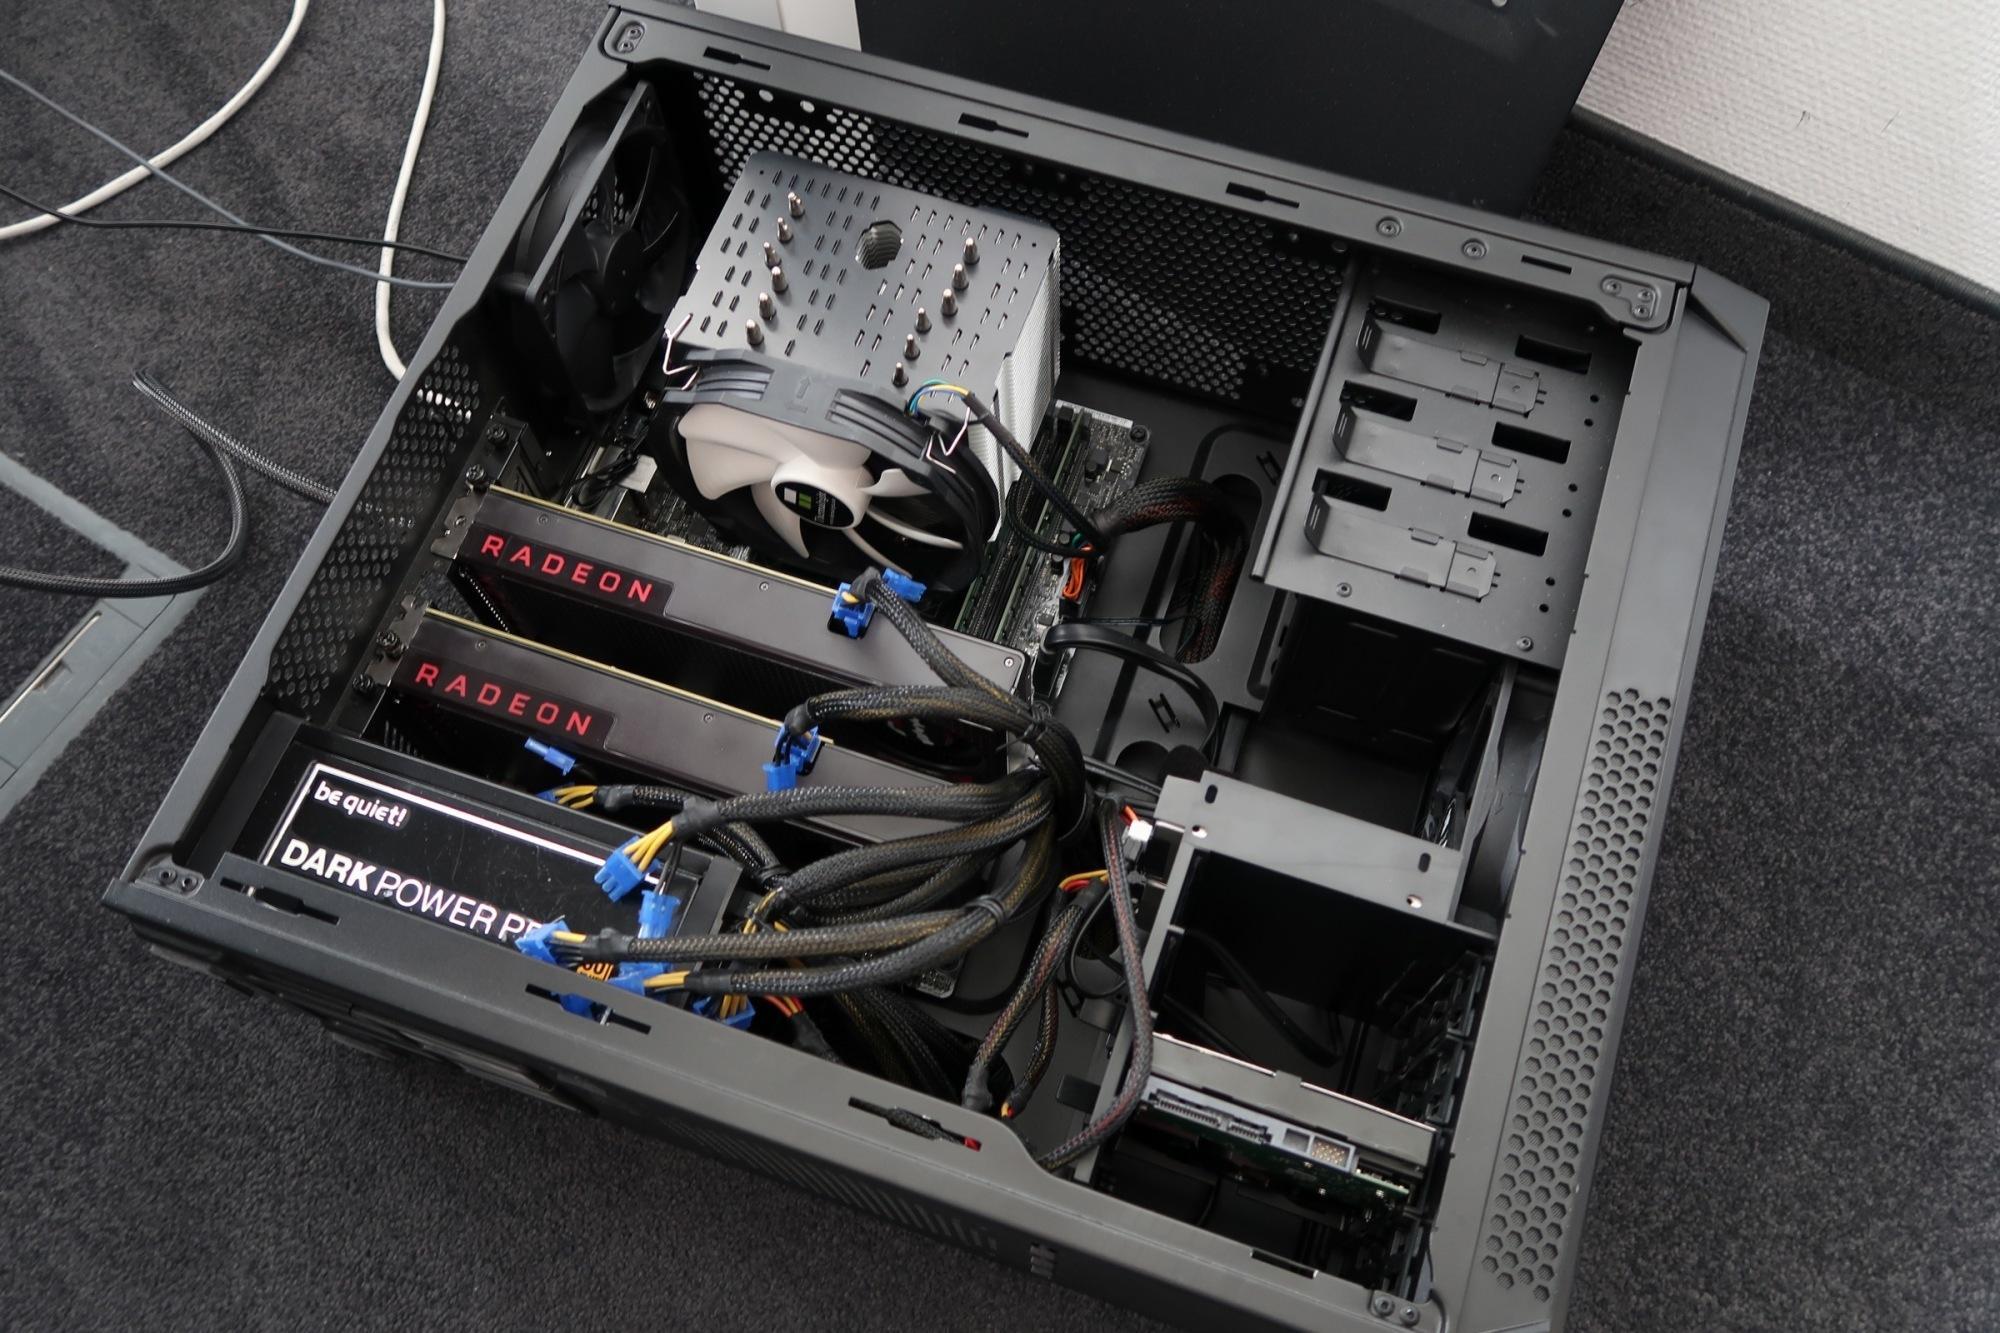 Mining-Rig im Eigenbau: Zwei Radeon RX 480 schaffen 51 Megahashes pro Sekunde.